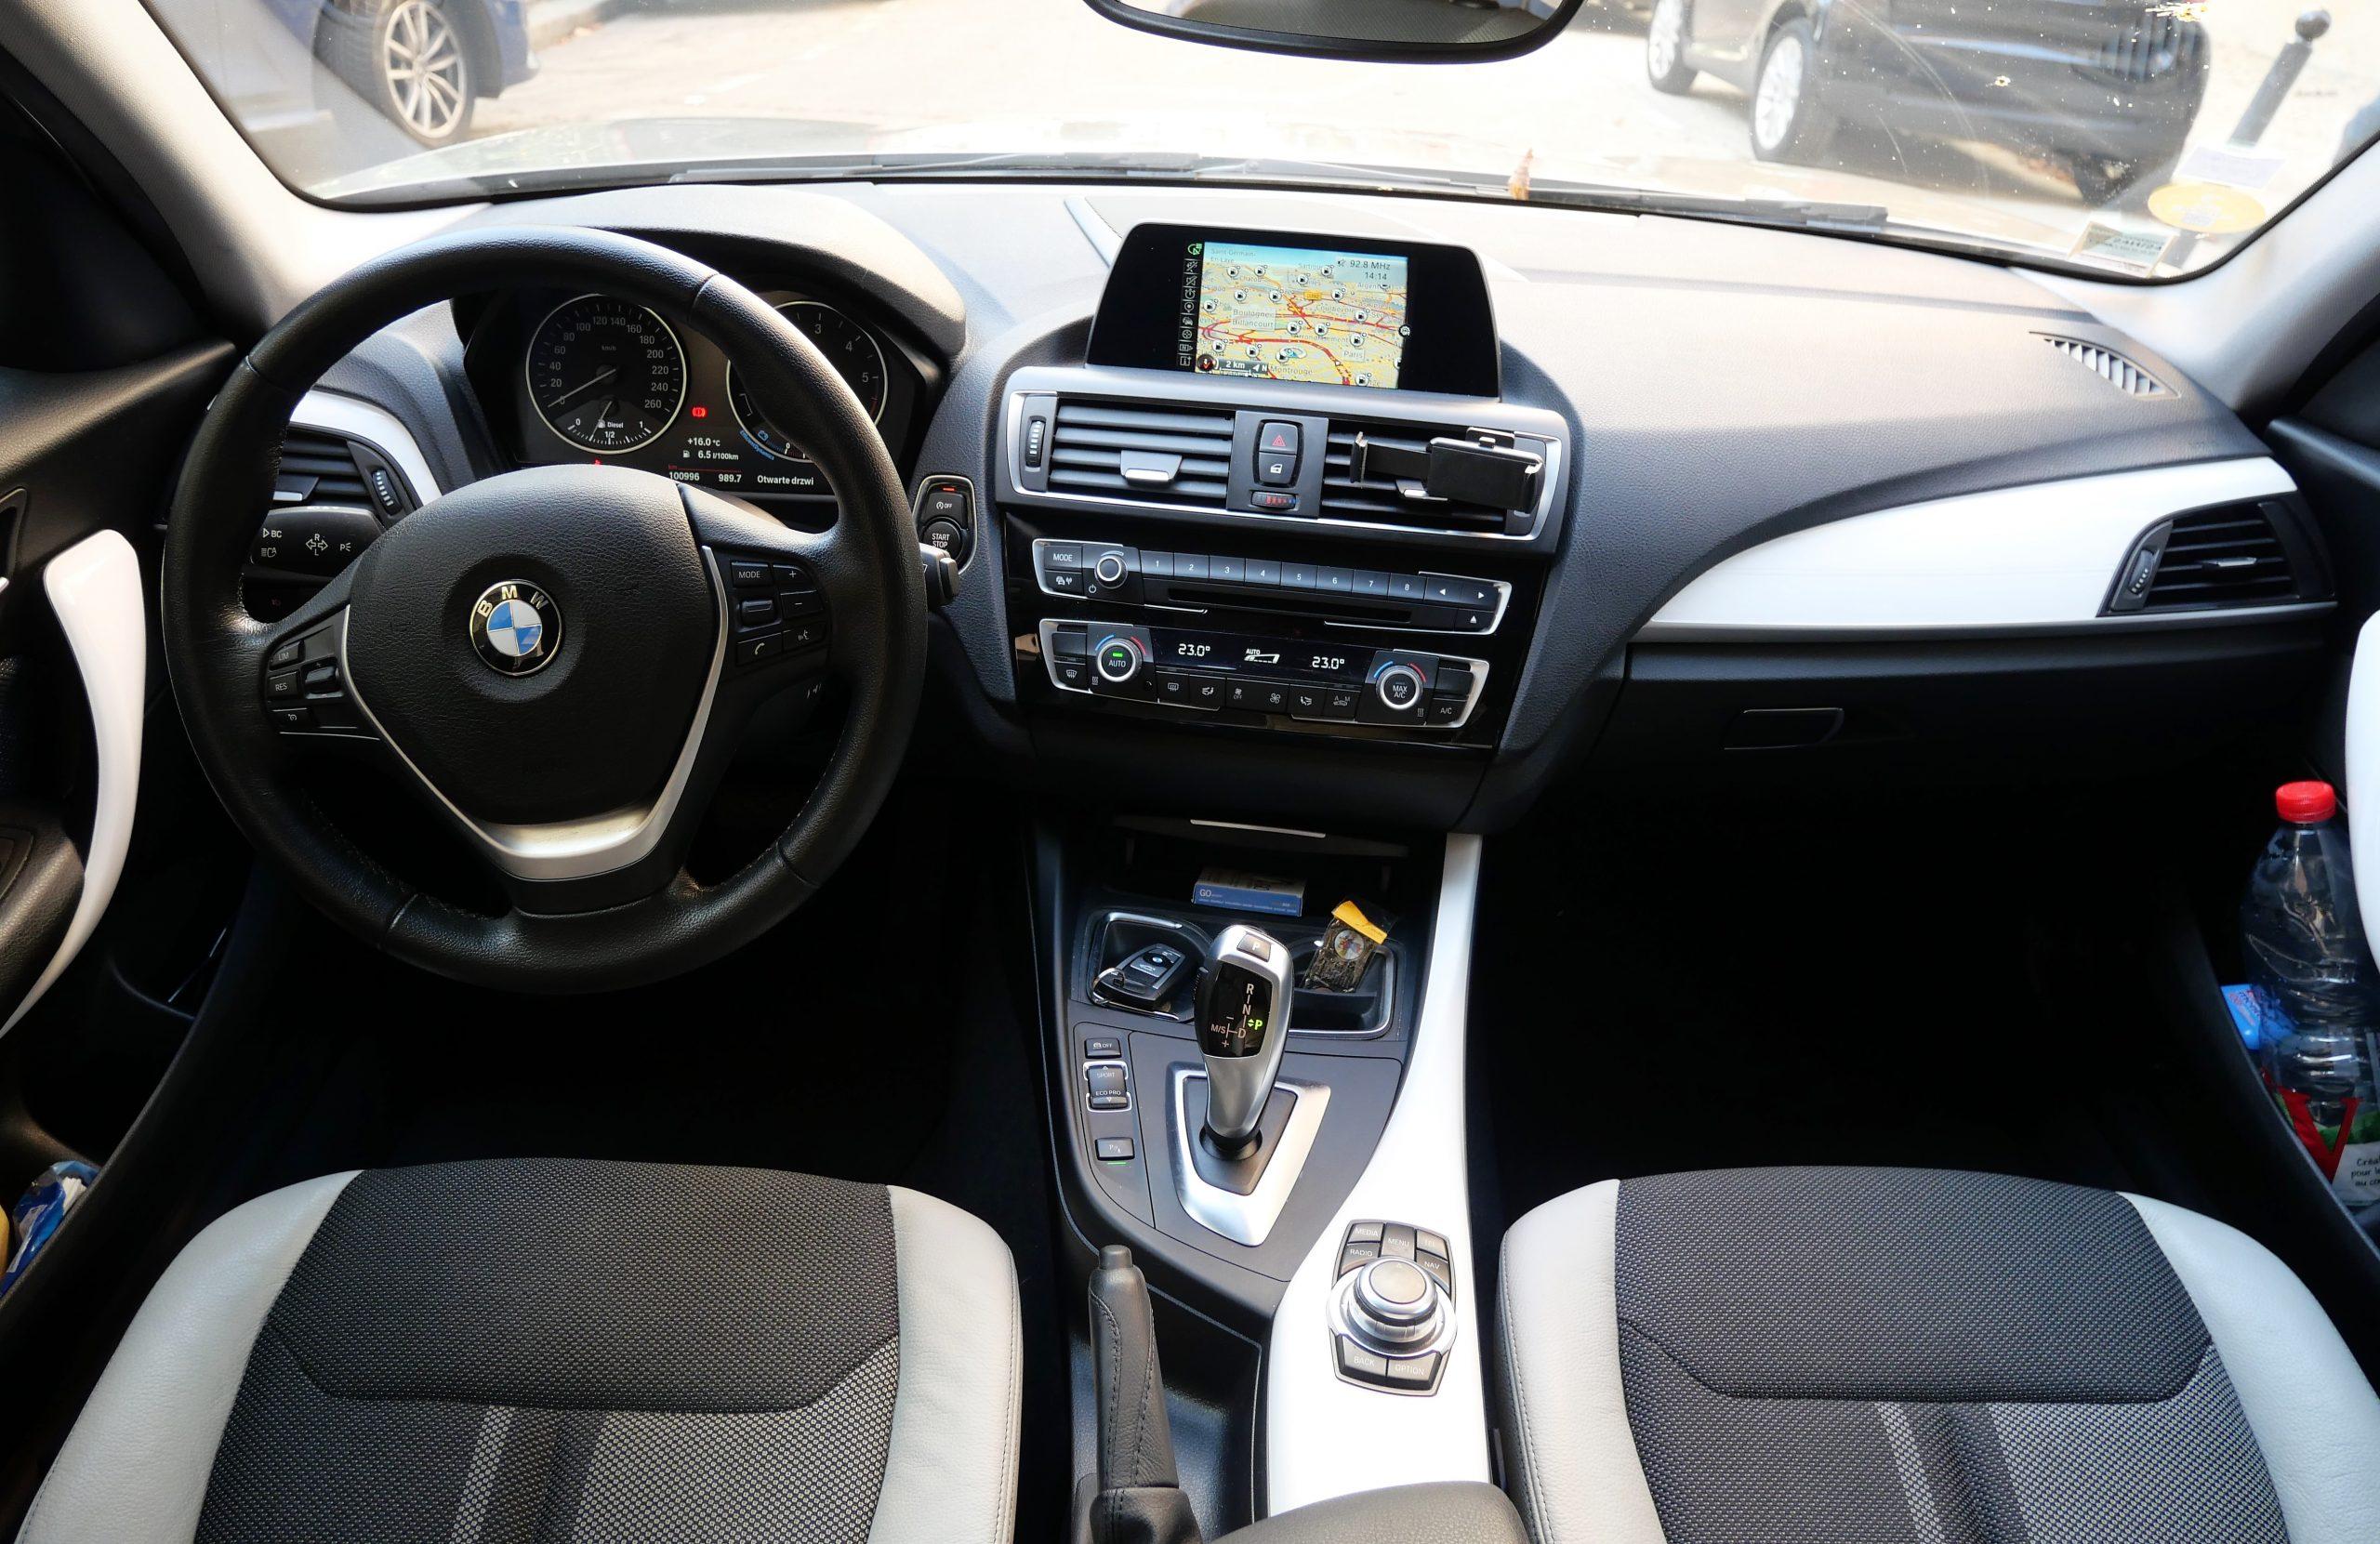 BMW Série 1 (F20) XDrive LCI 120d 2.0 d 190ch 12